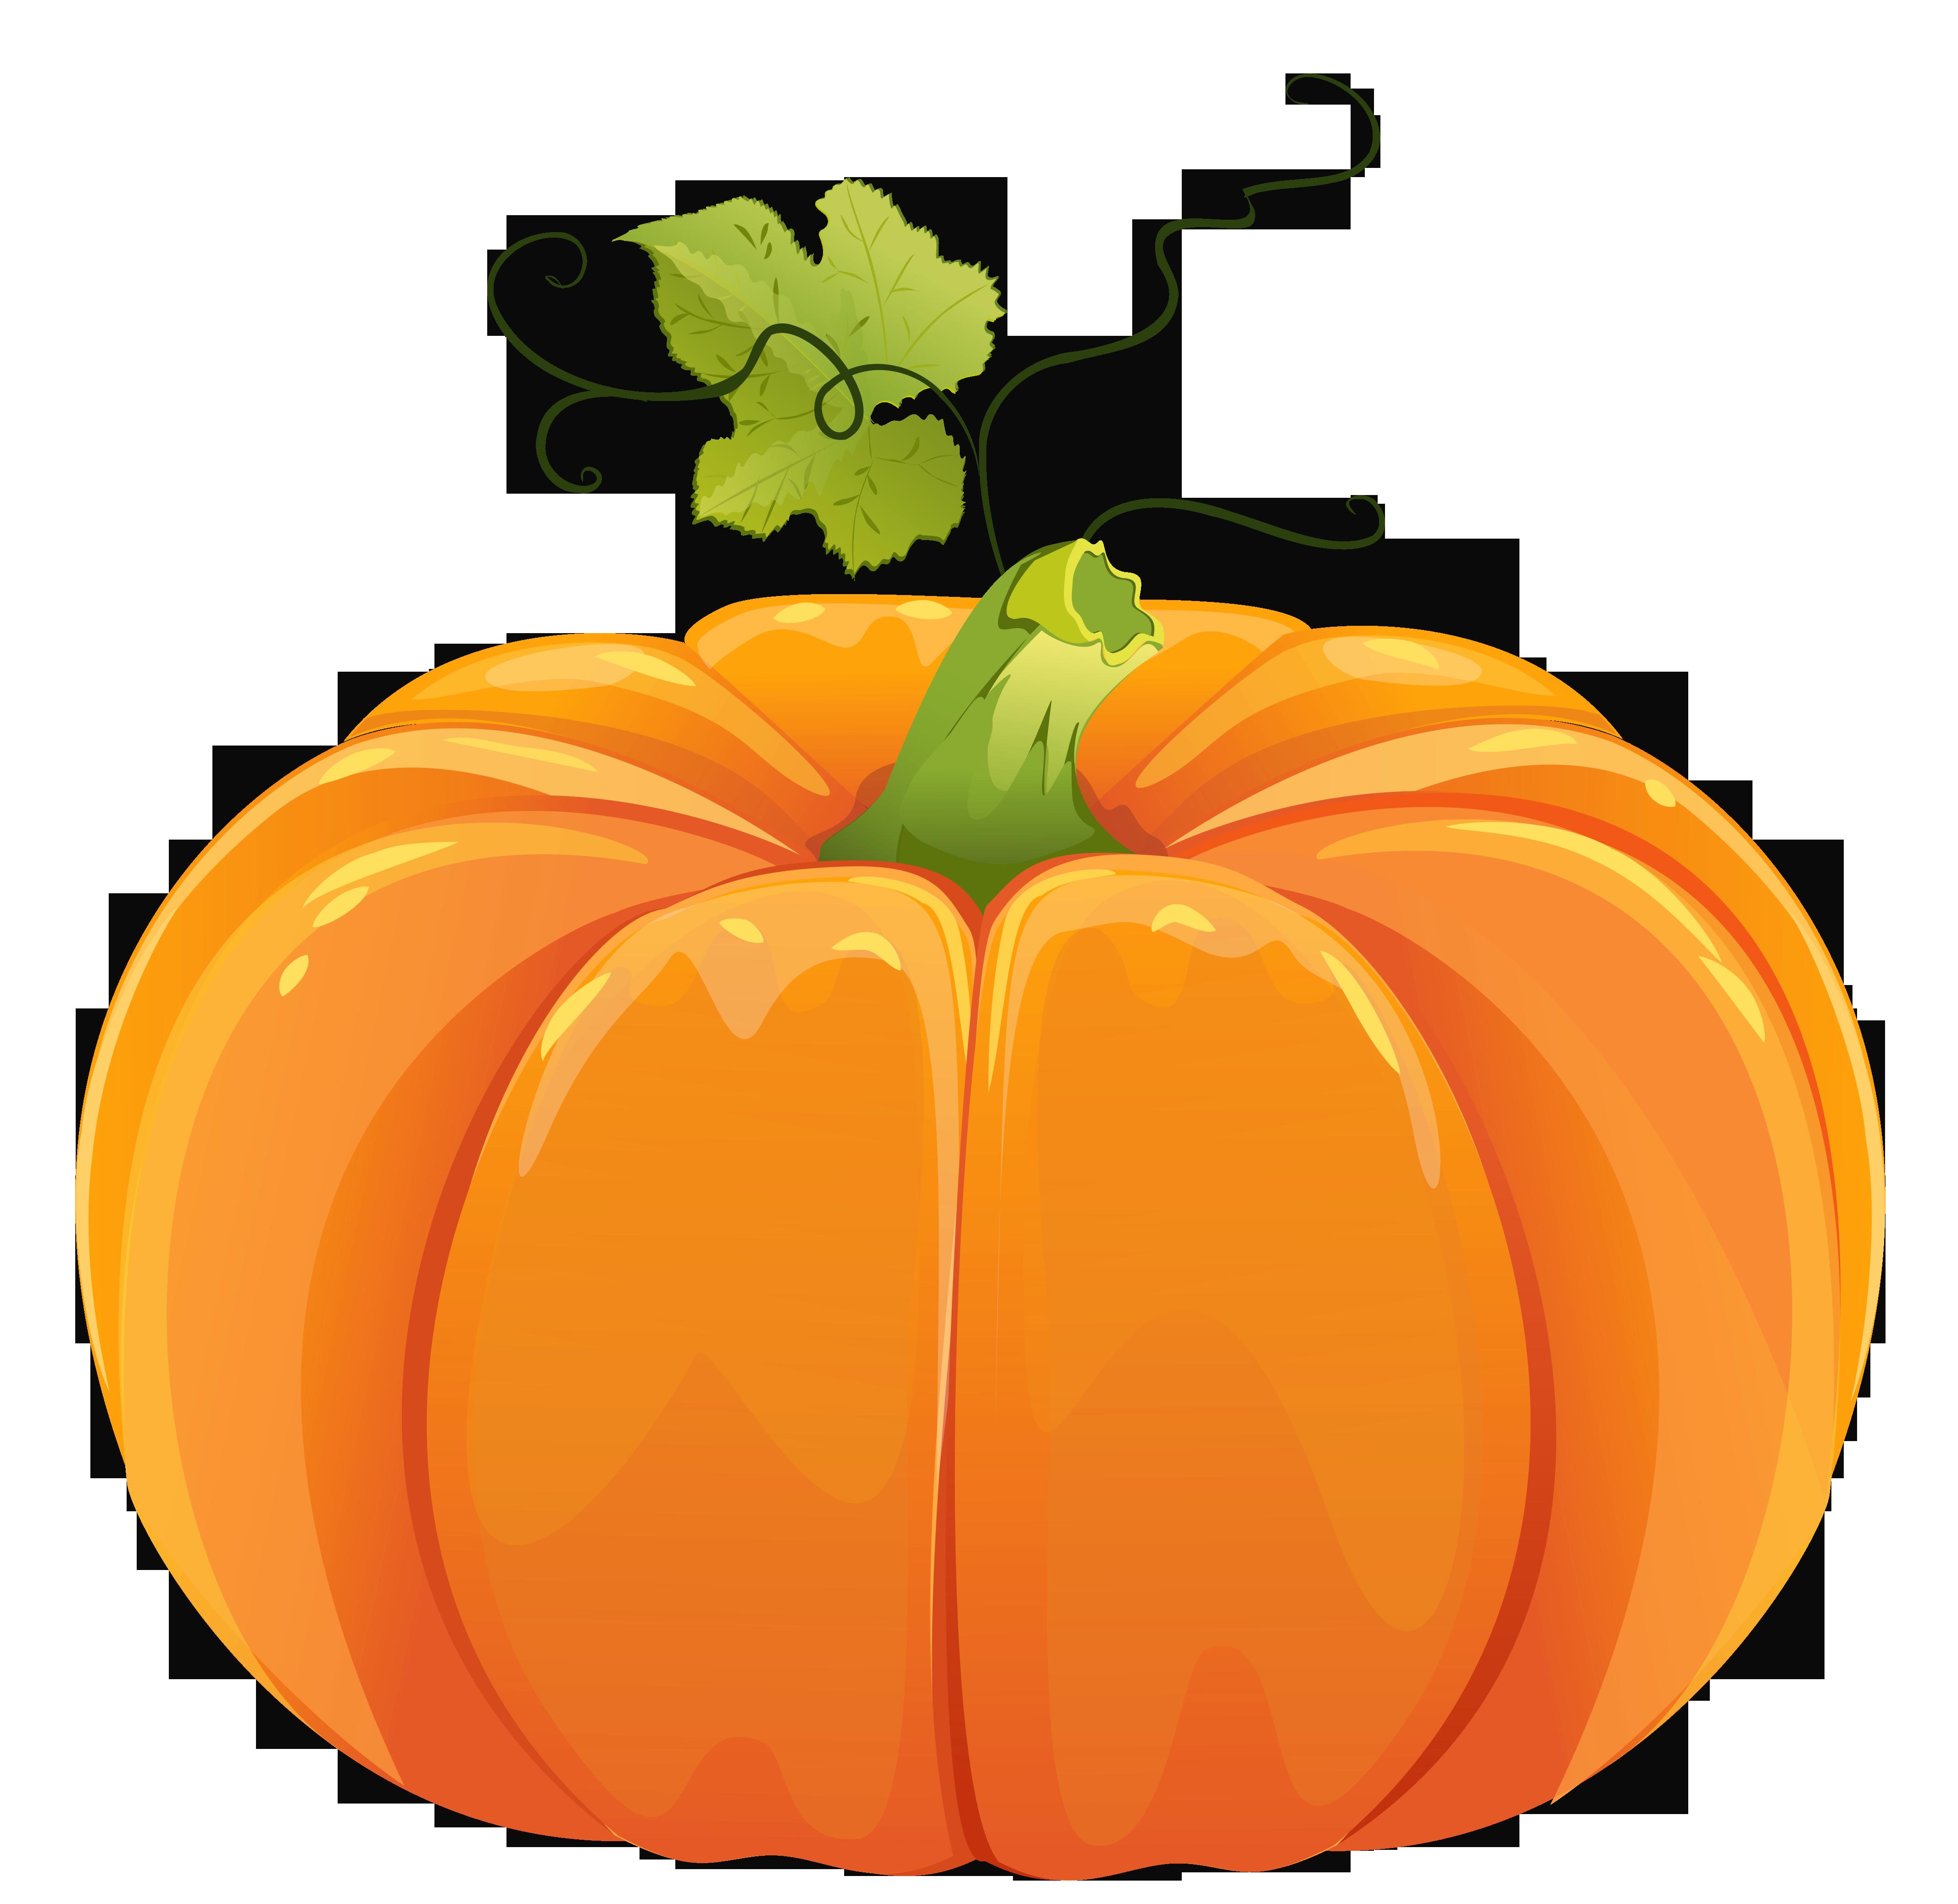 Free Clipart Pumpkins - hdclipartall